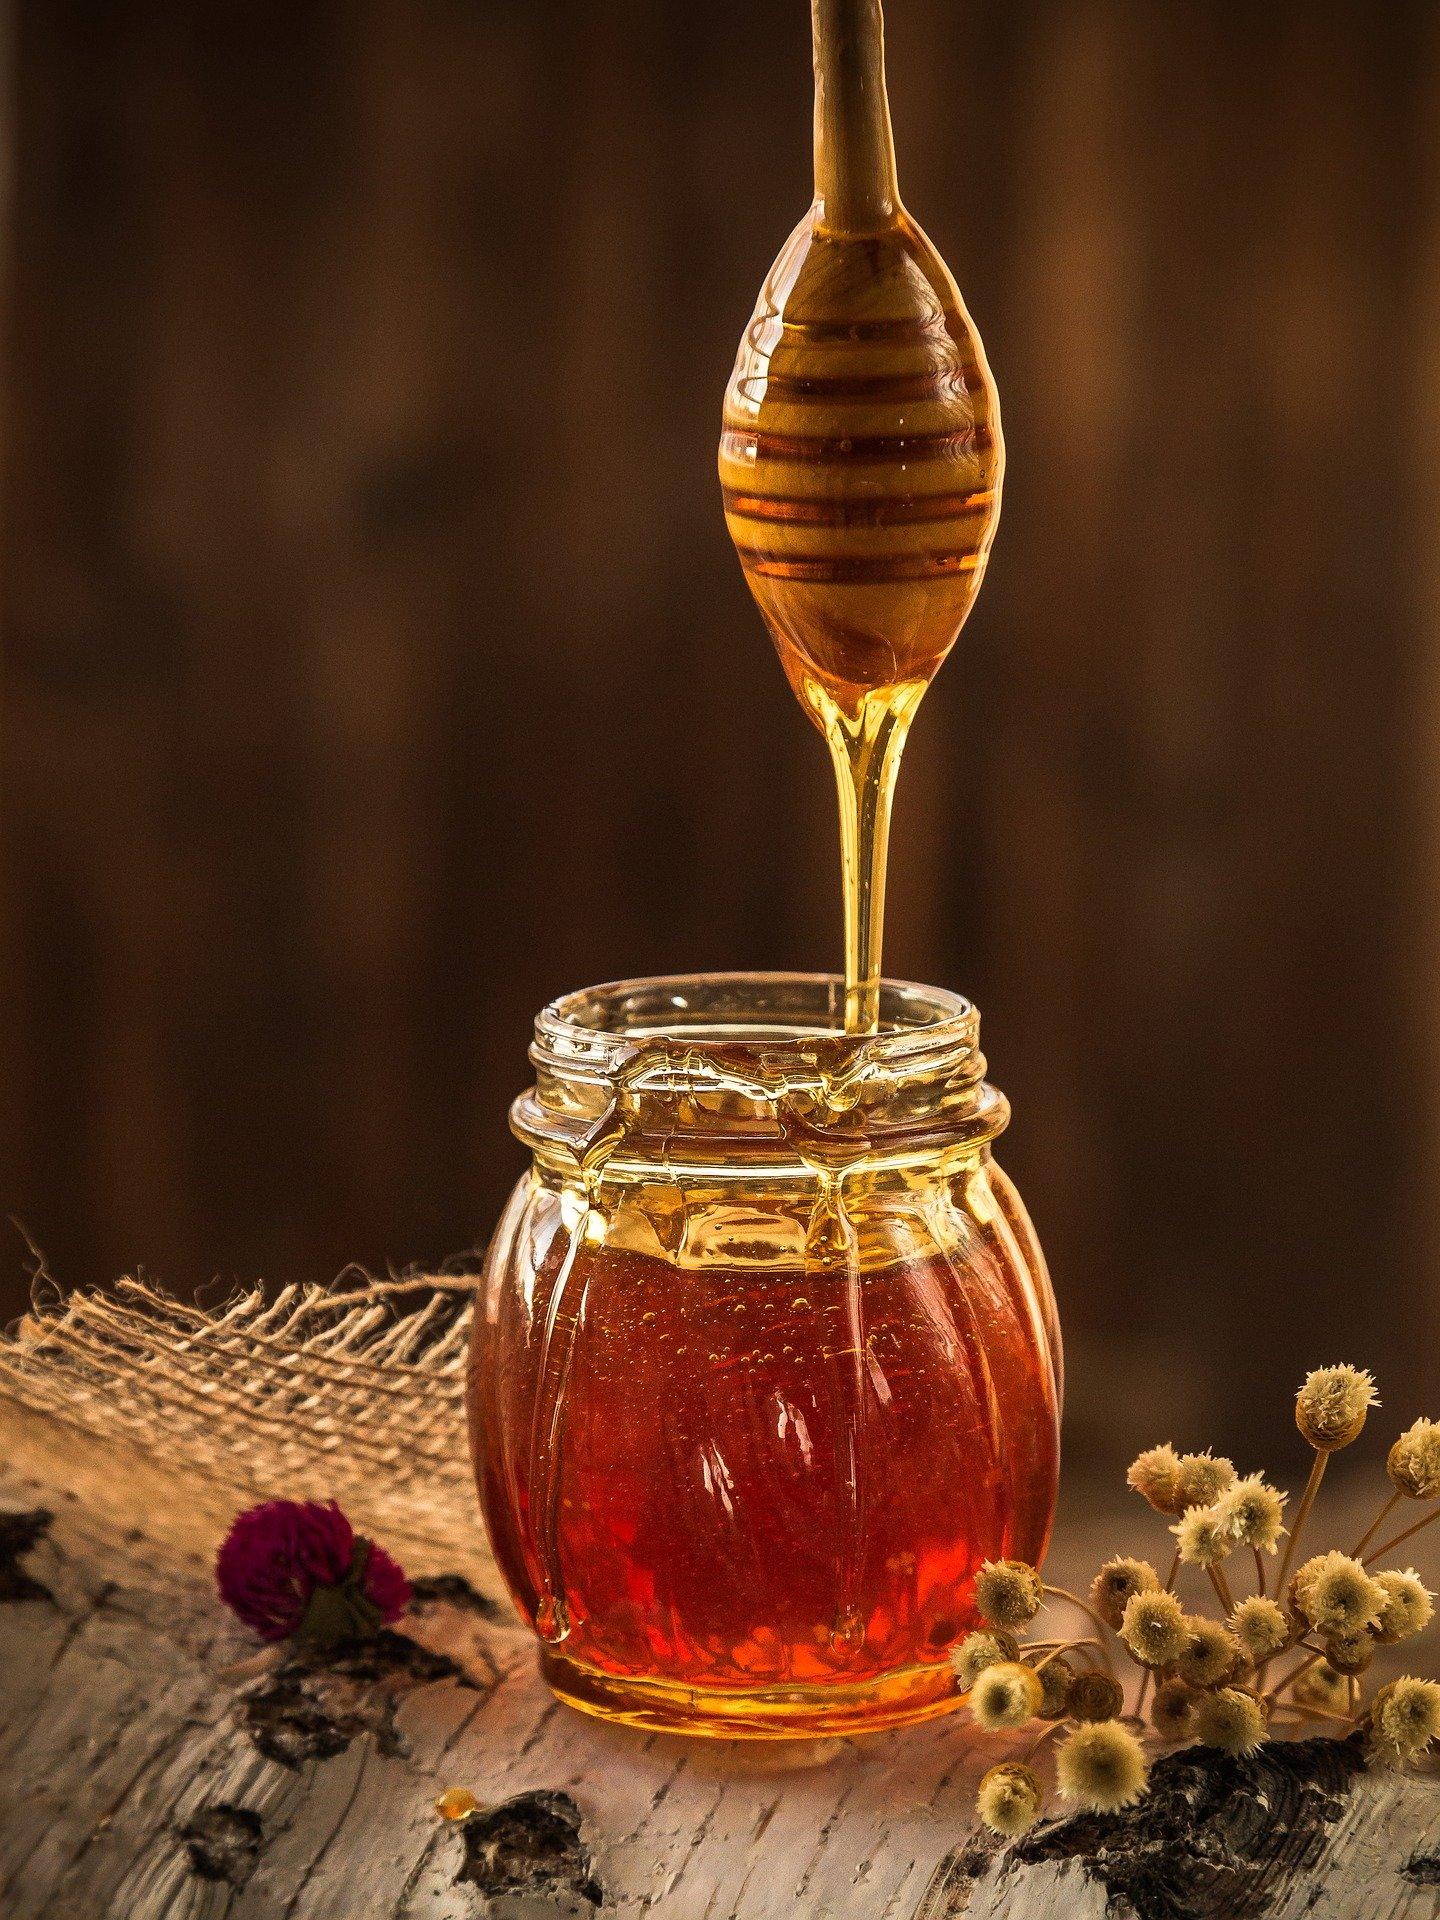 Bâton de miel coulant sur un pot de miel